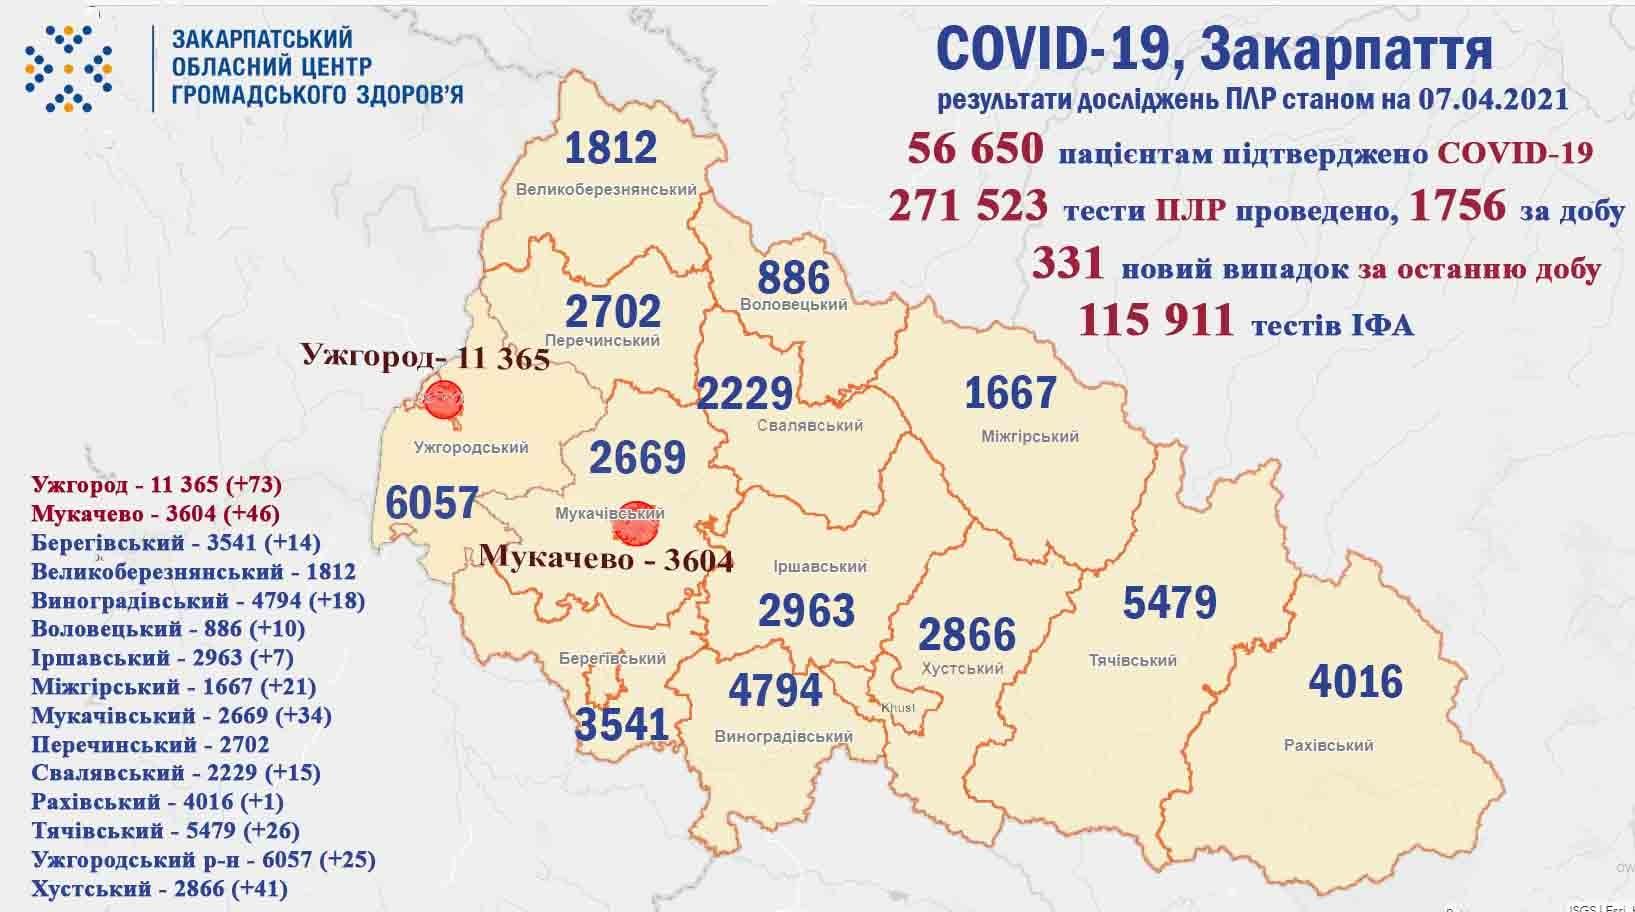 Протягом доби на Закарпатті виявили 331 випадок COVID-19